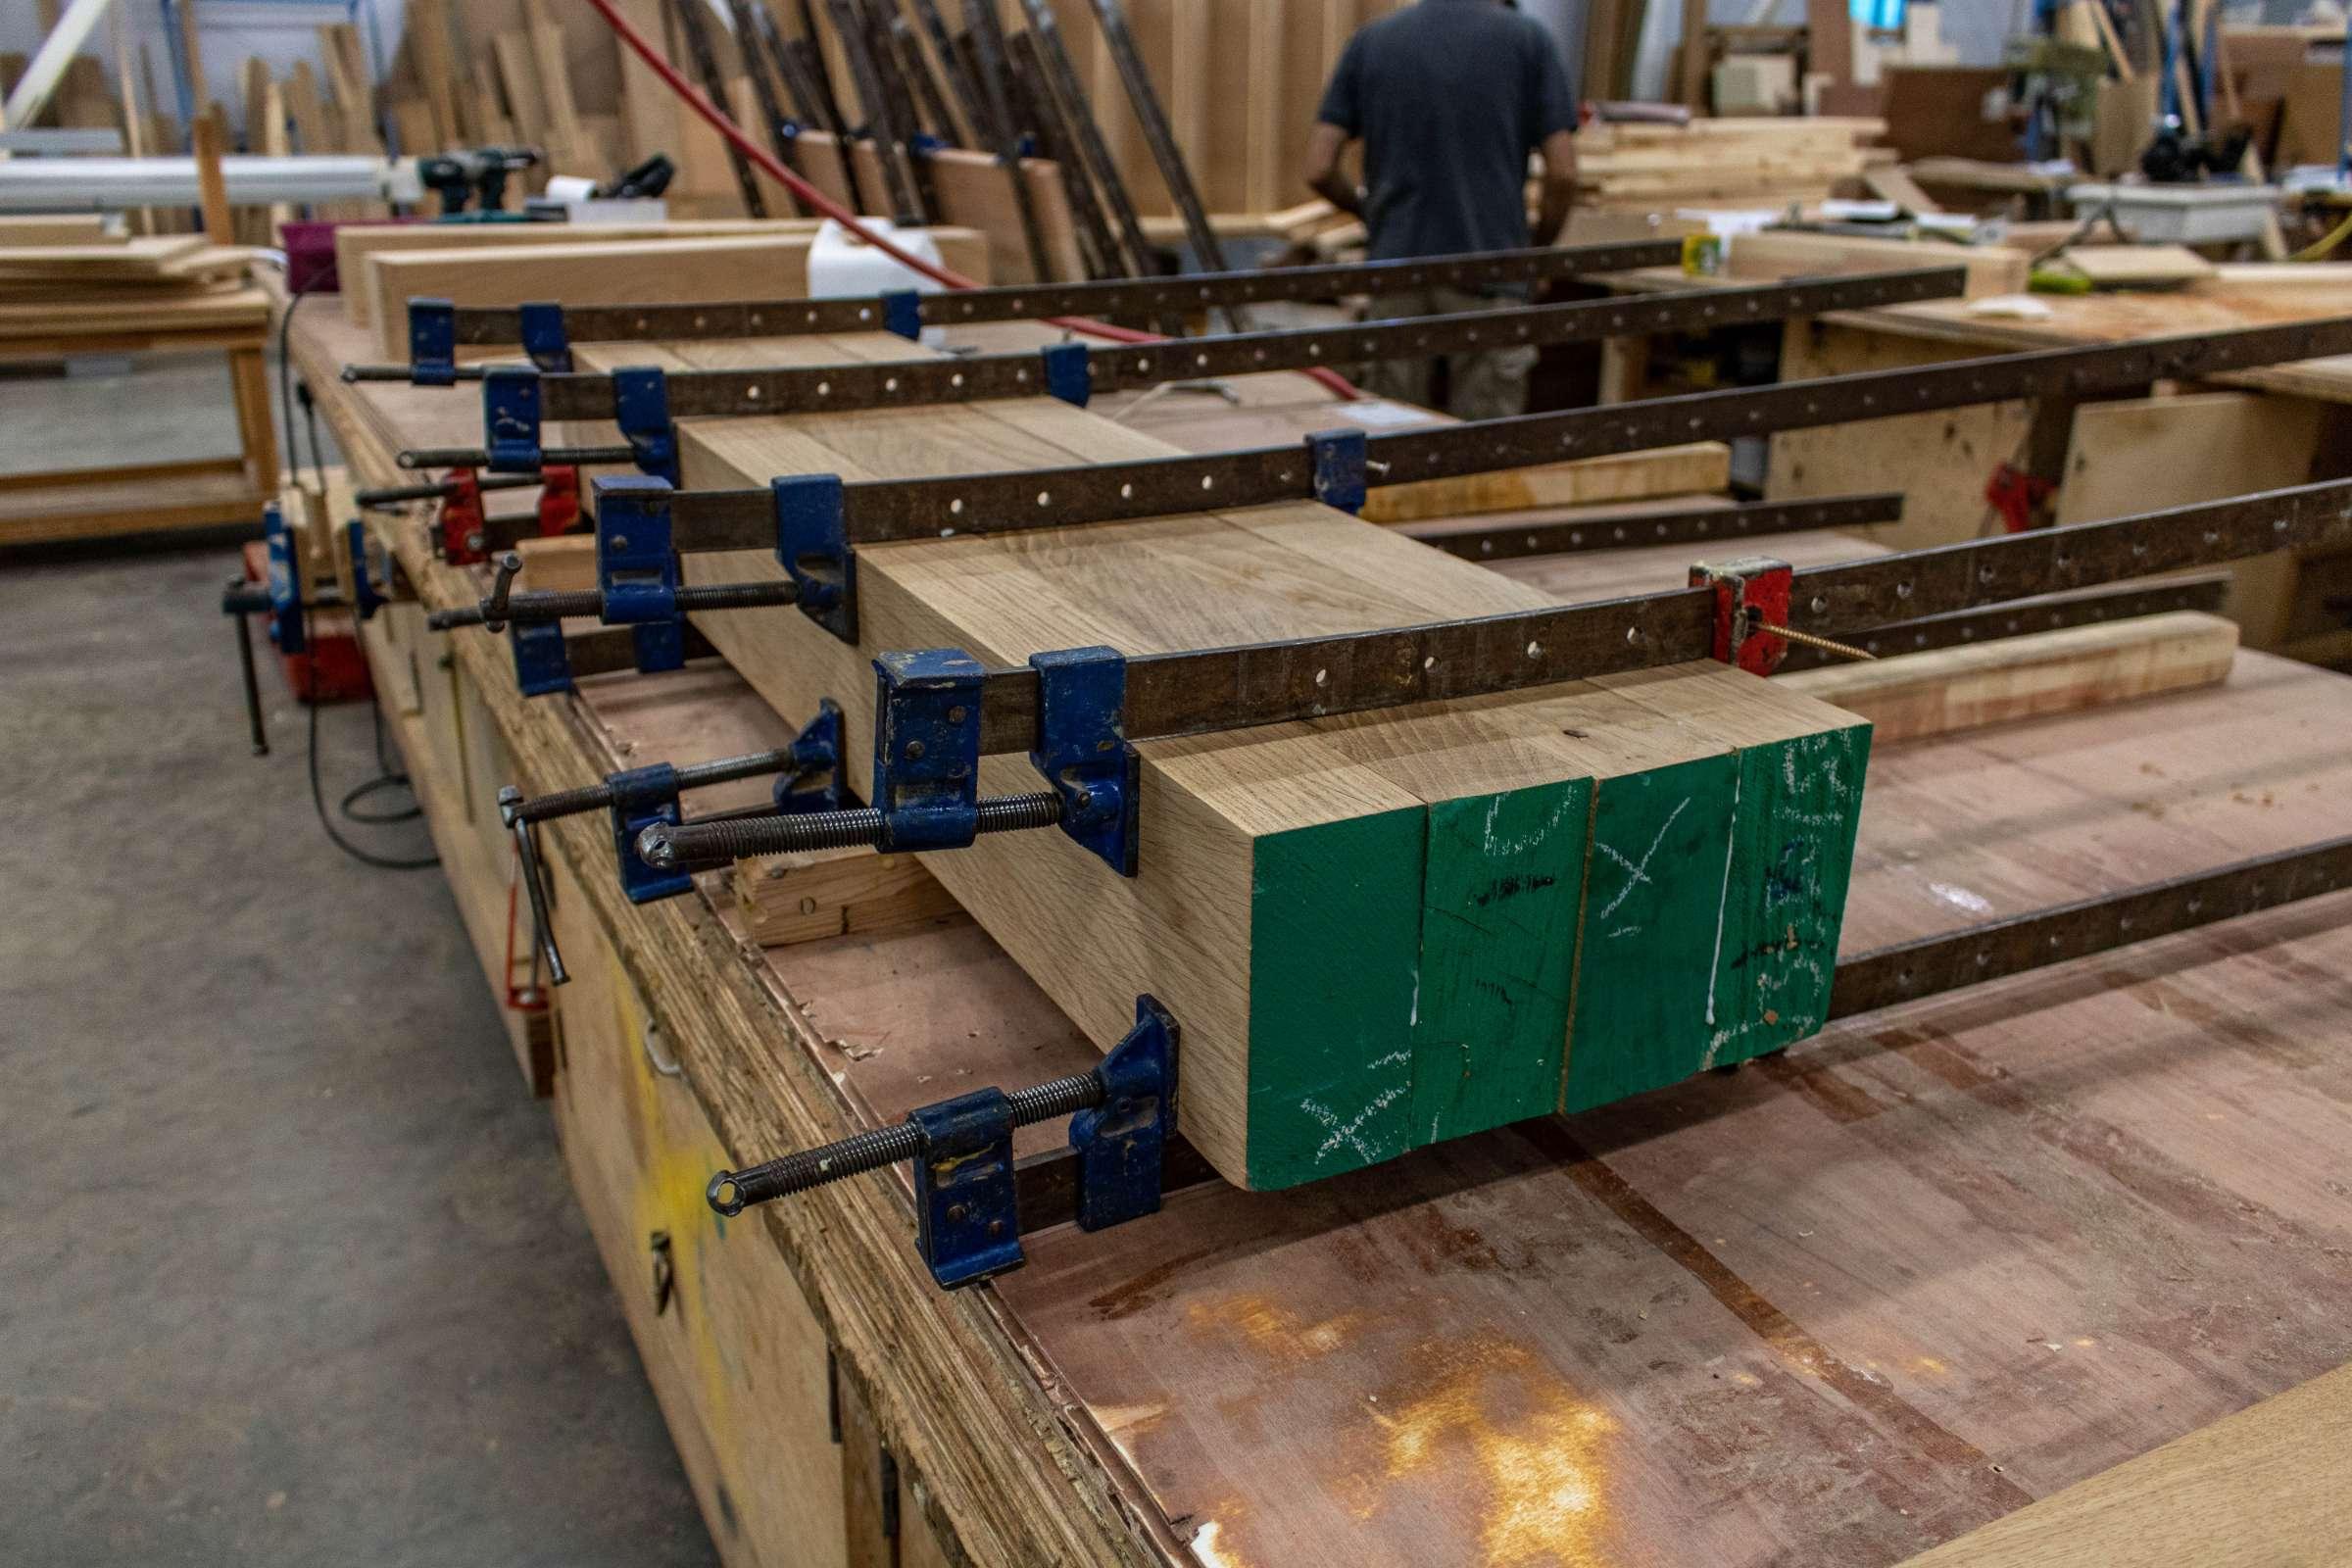 Kandd Wood designing